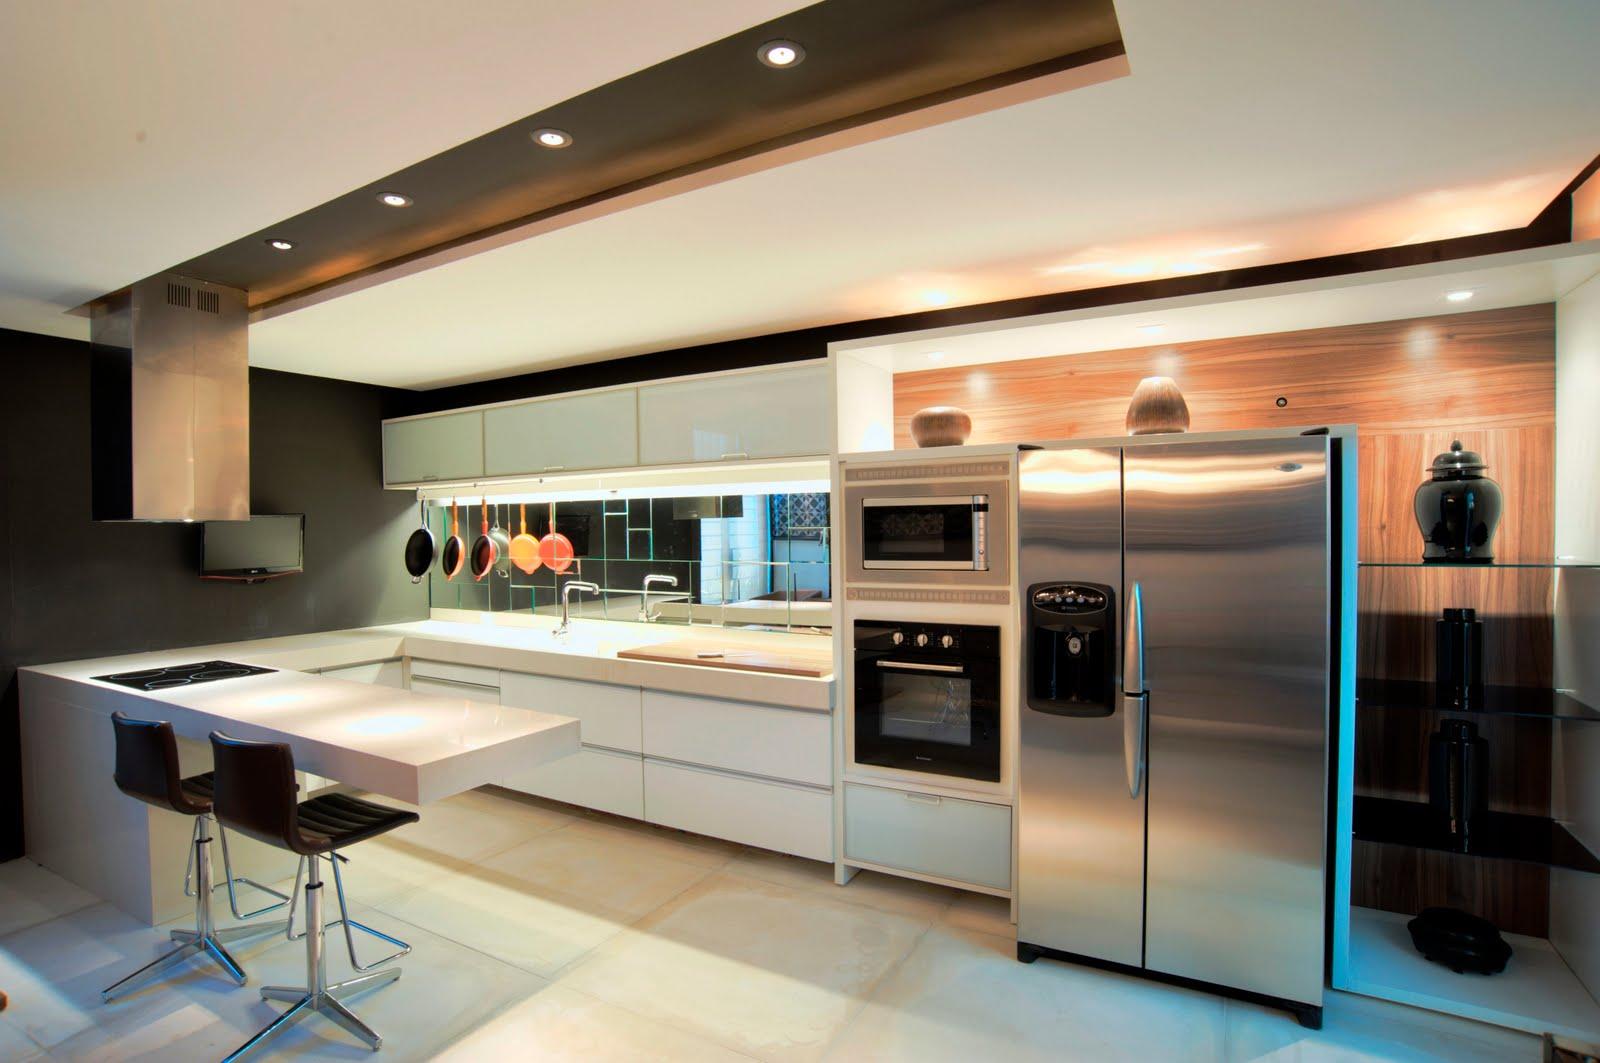 Movel planejado para cozinha de alto padrão #995732 1600 1063